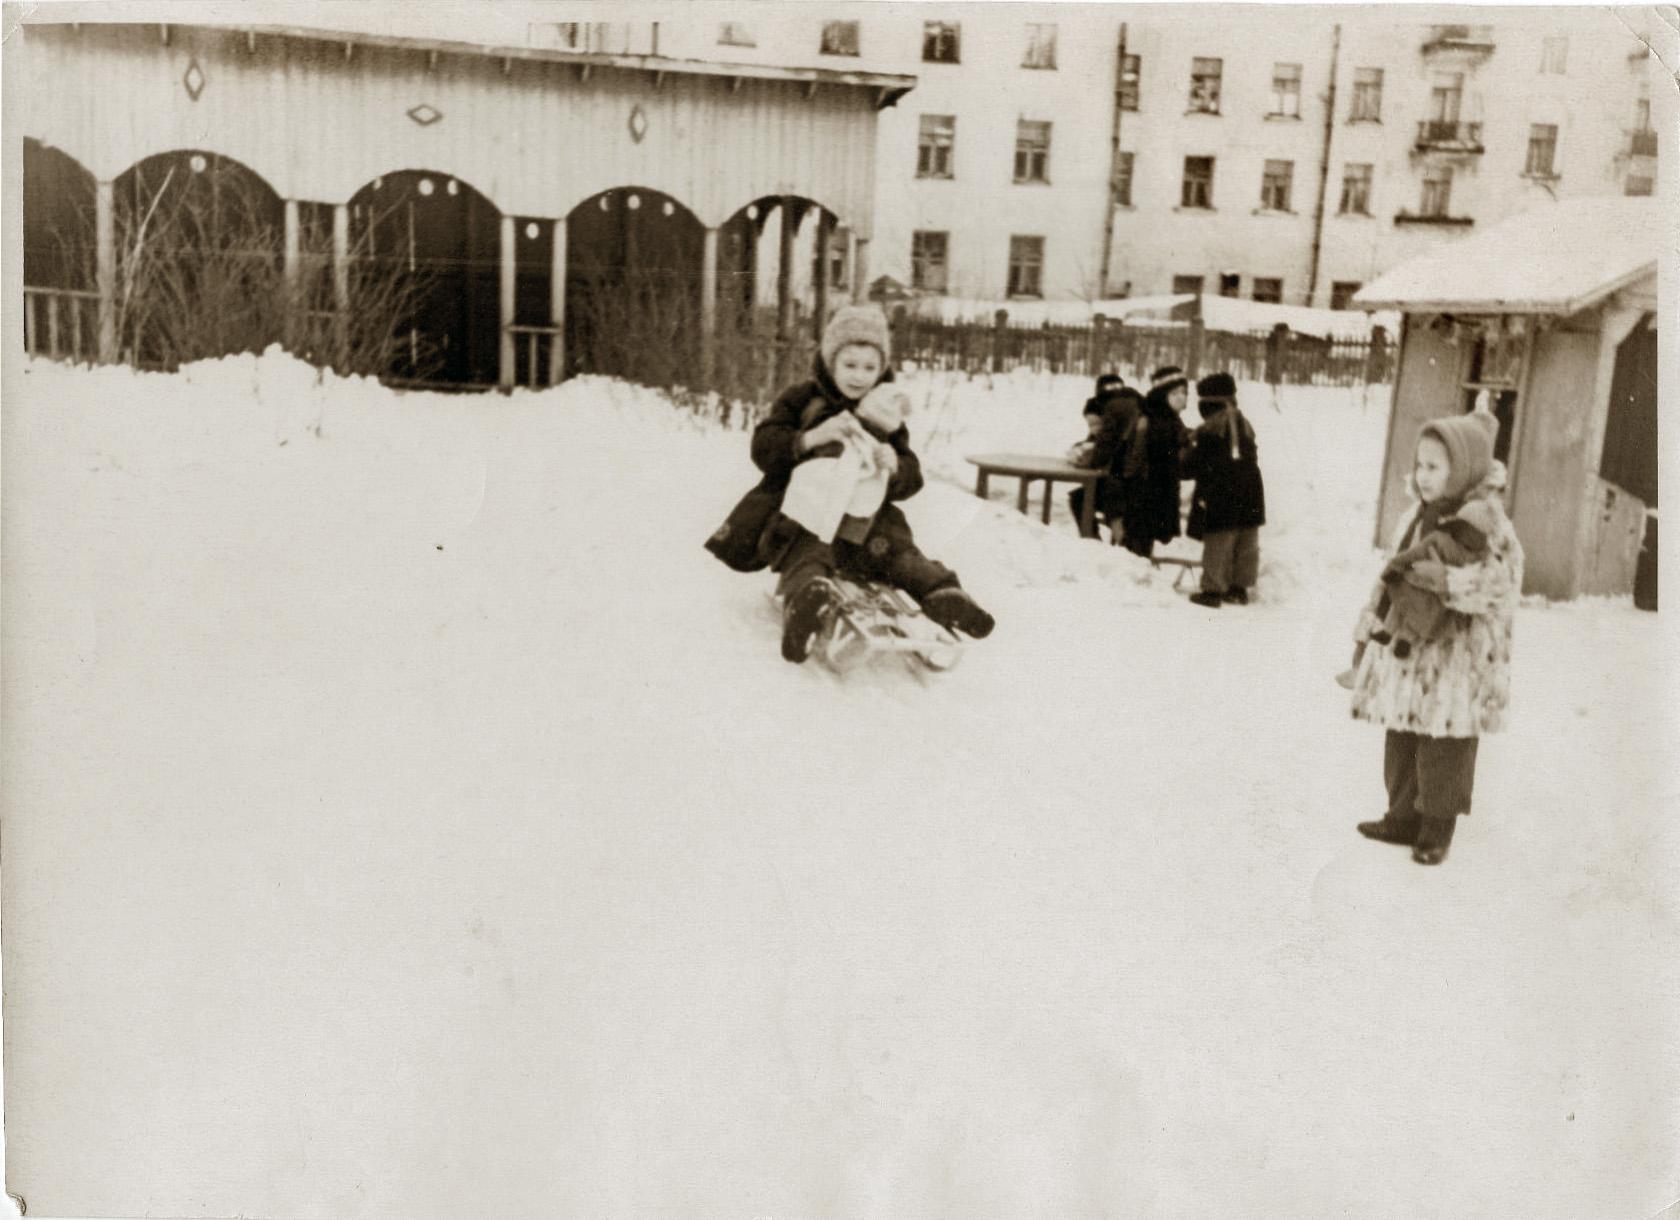 Детский сад на ул. Ленина (Б.Очаковская) 50-60-е годы XX века. Находился на 1-м этаже Общежития, на месте которого теперь находится ДМШ им. Таривердиева7а